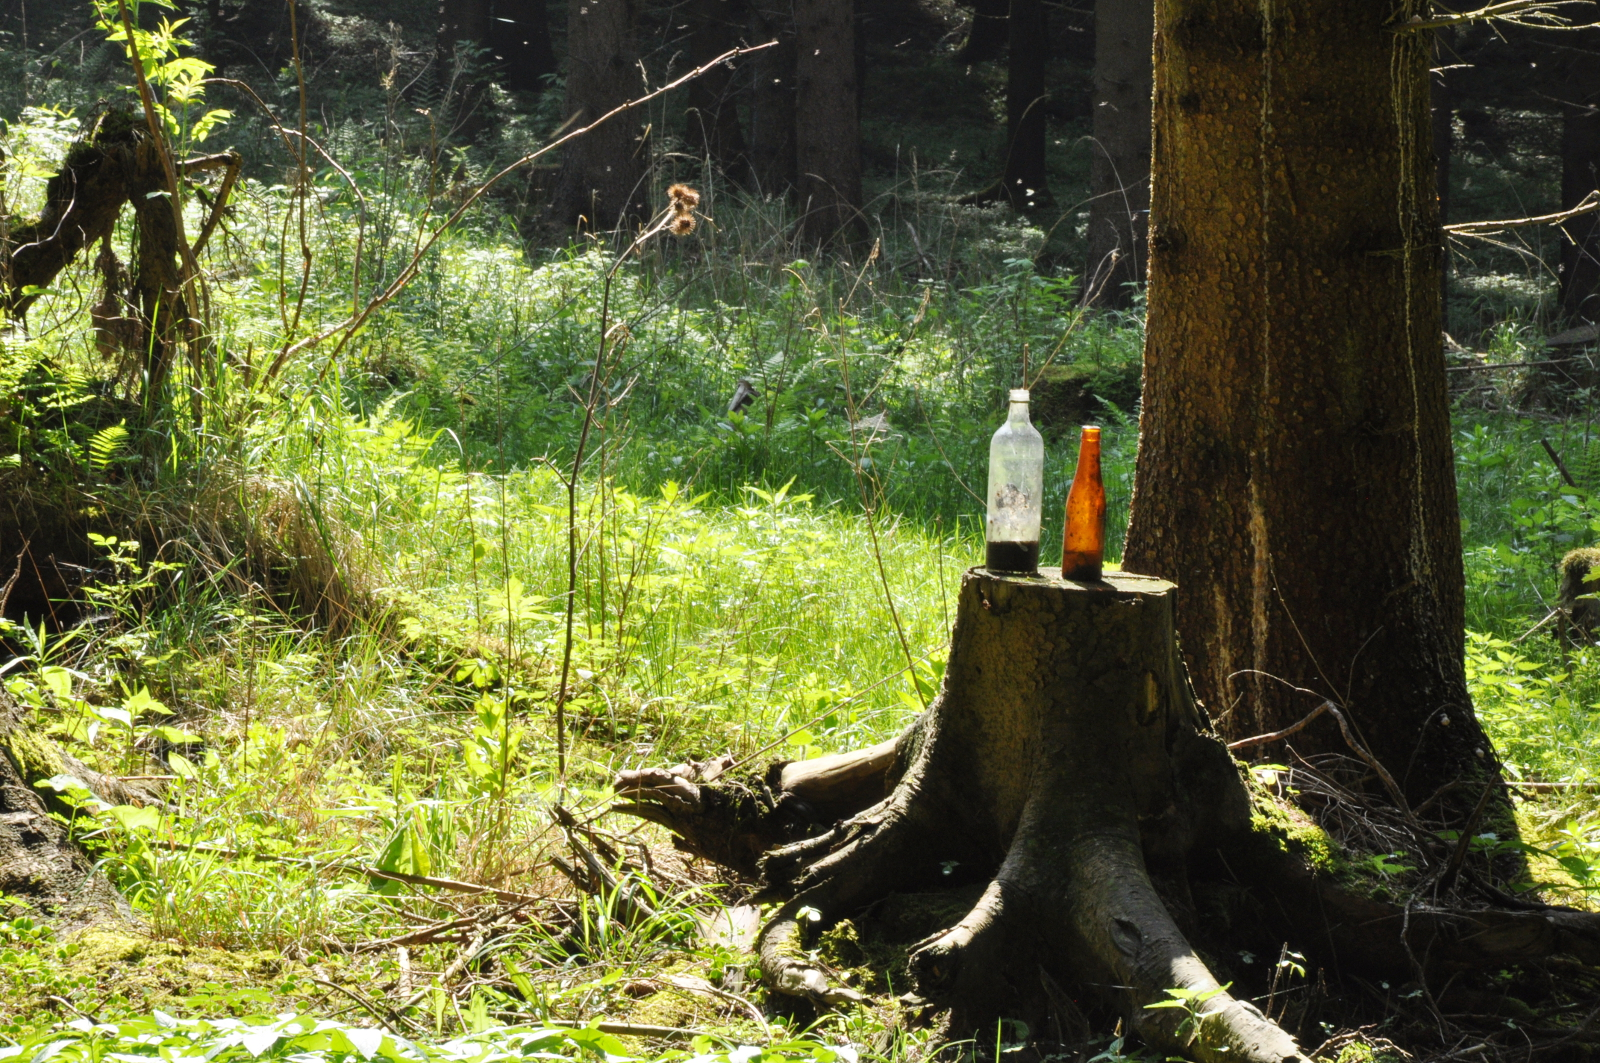 Zwei leere Flaschen auf einem Baumstumpf im Wald